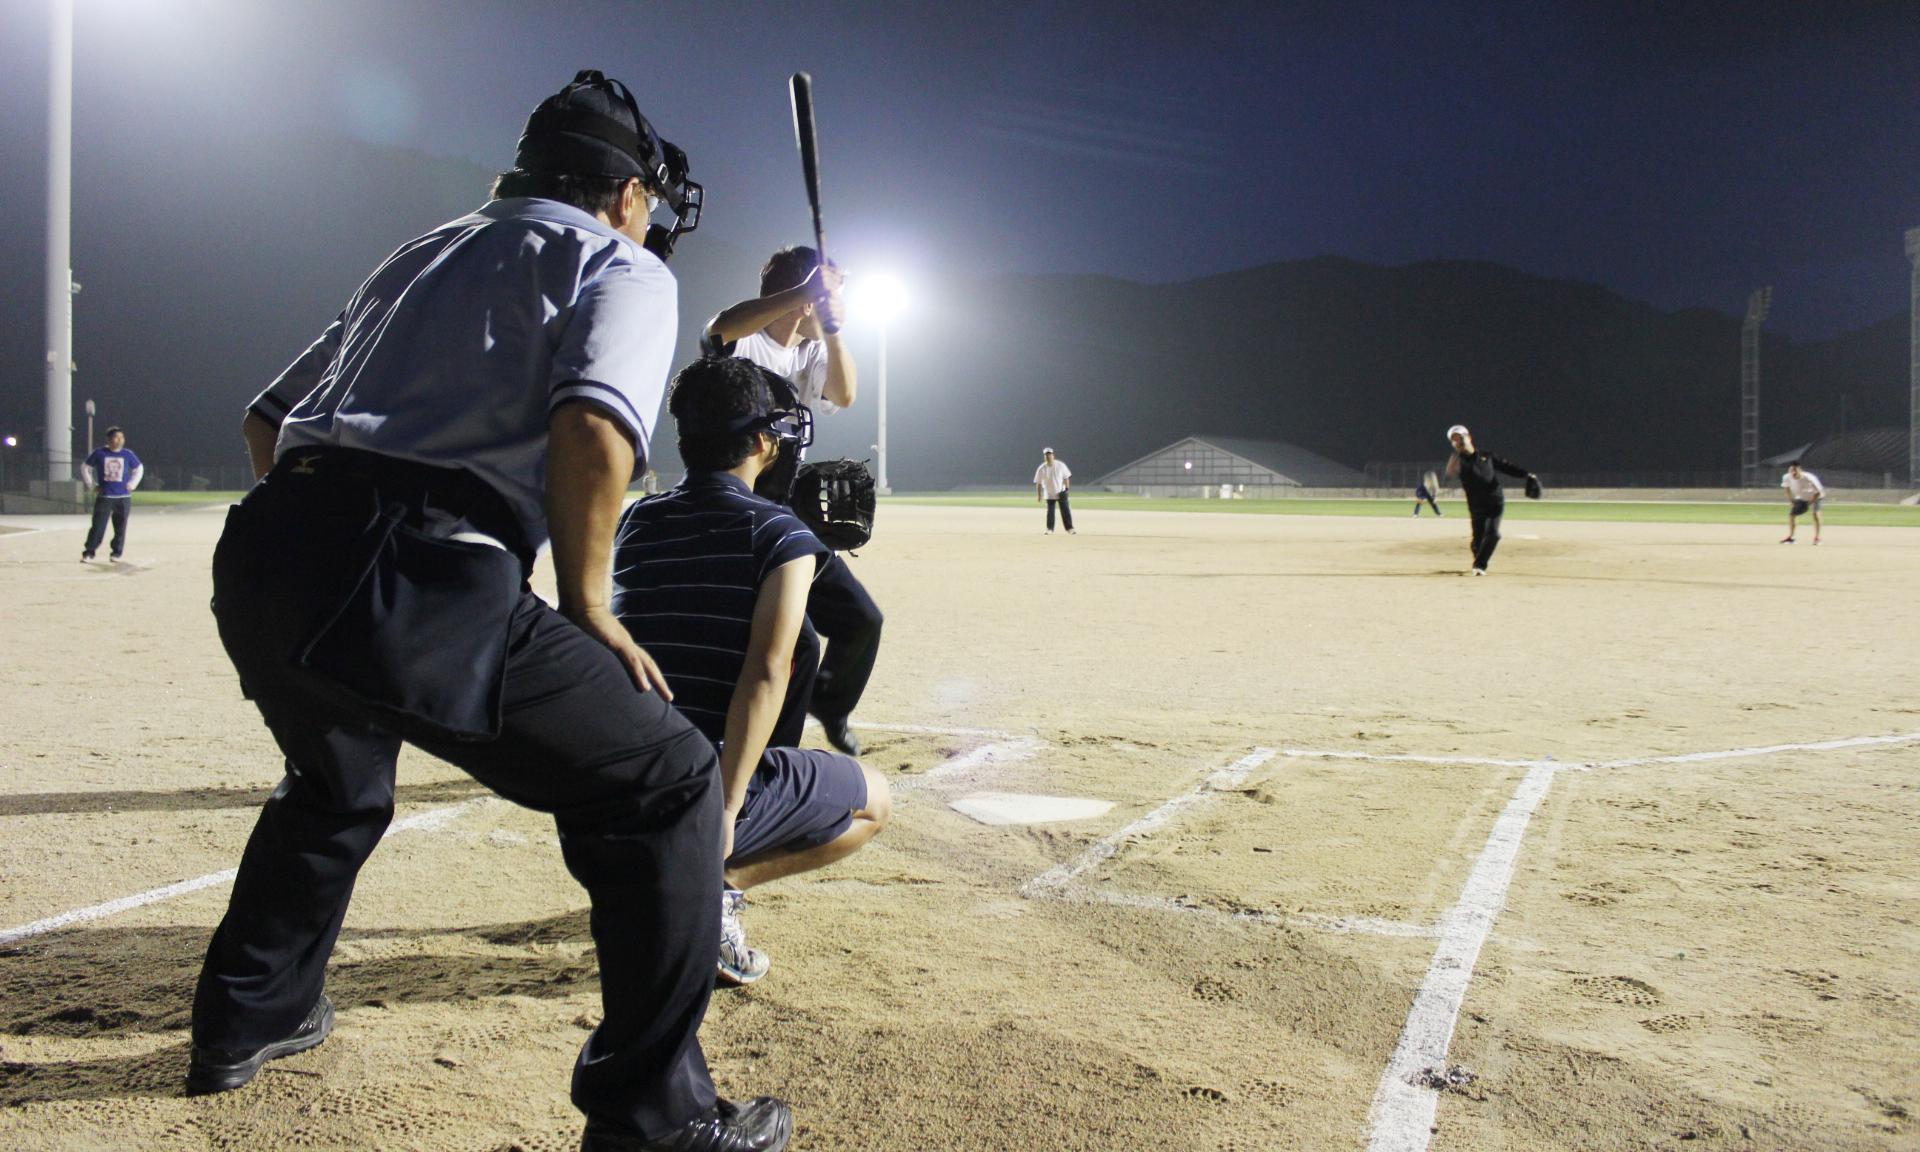 萩商工会議所 会員事業所対抗ソフトボール大会